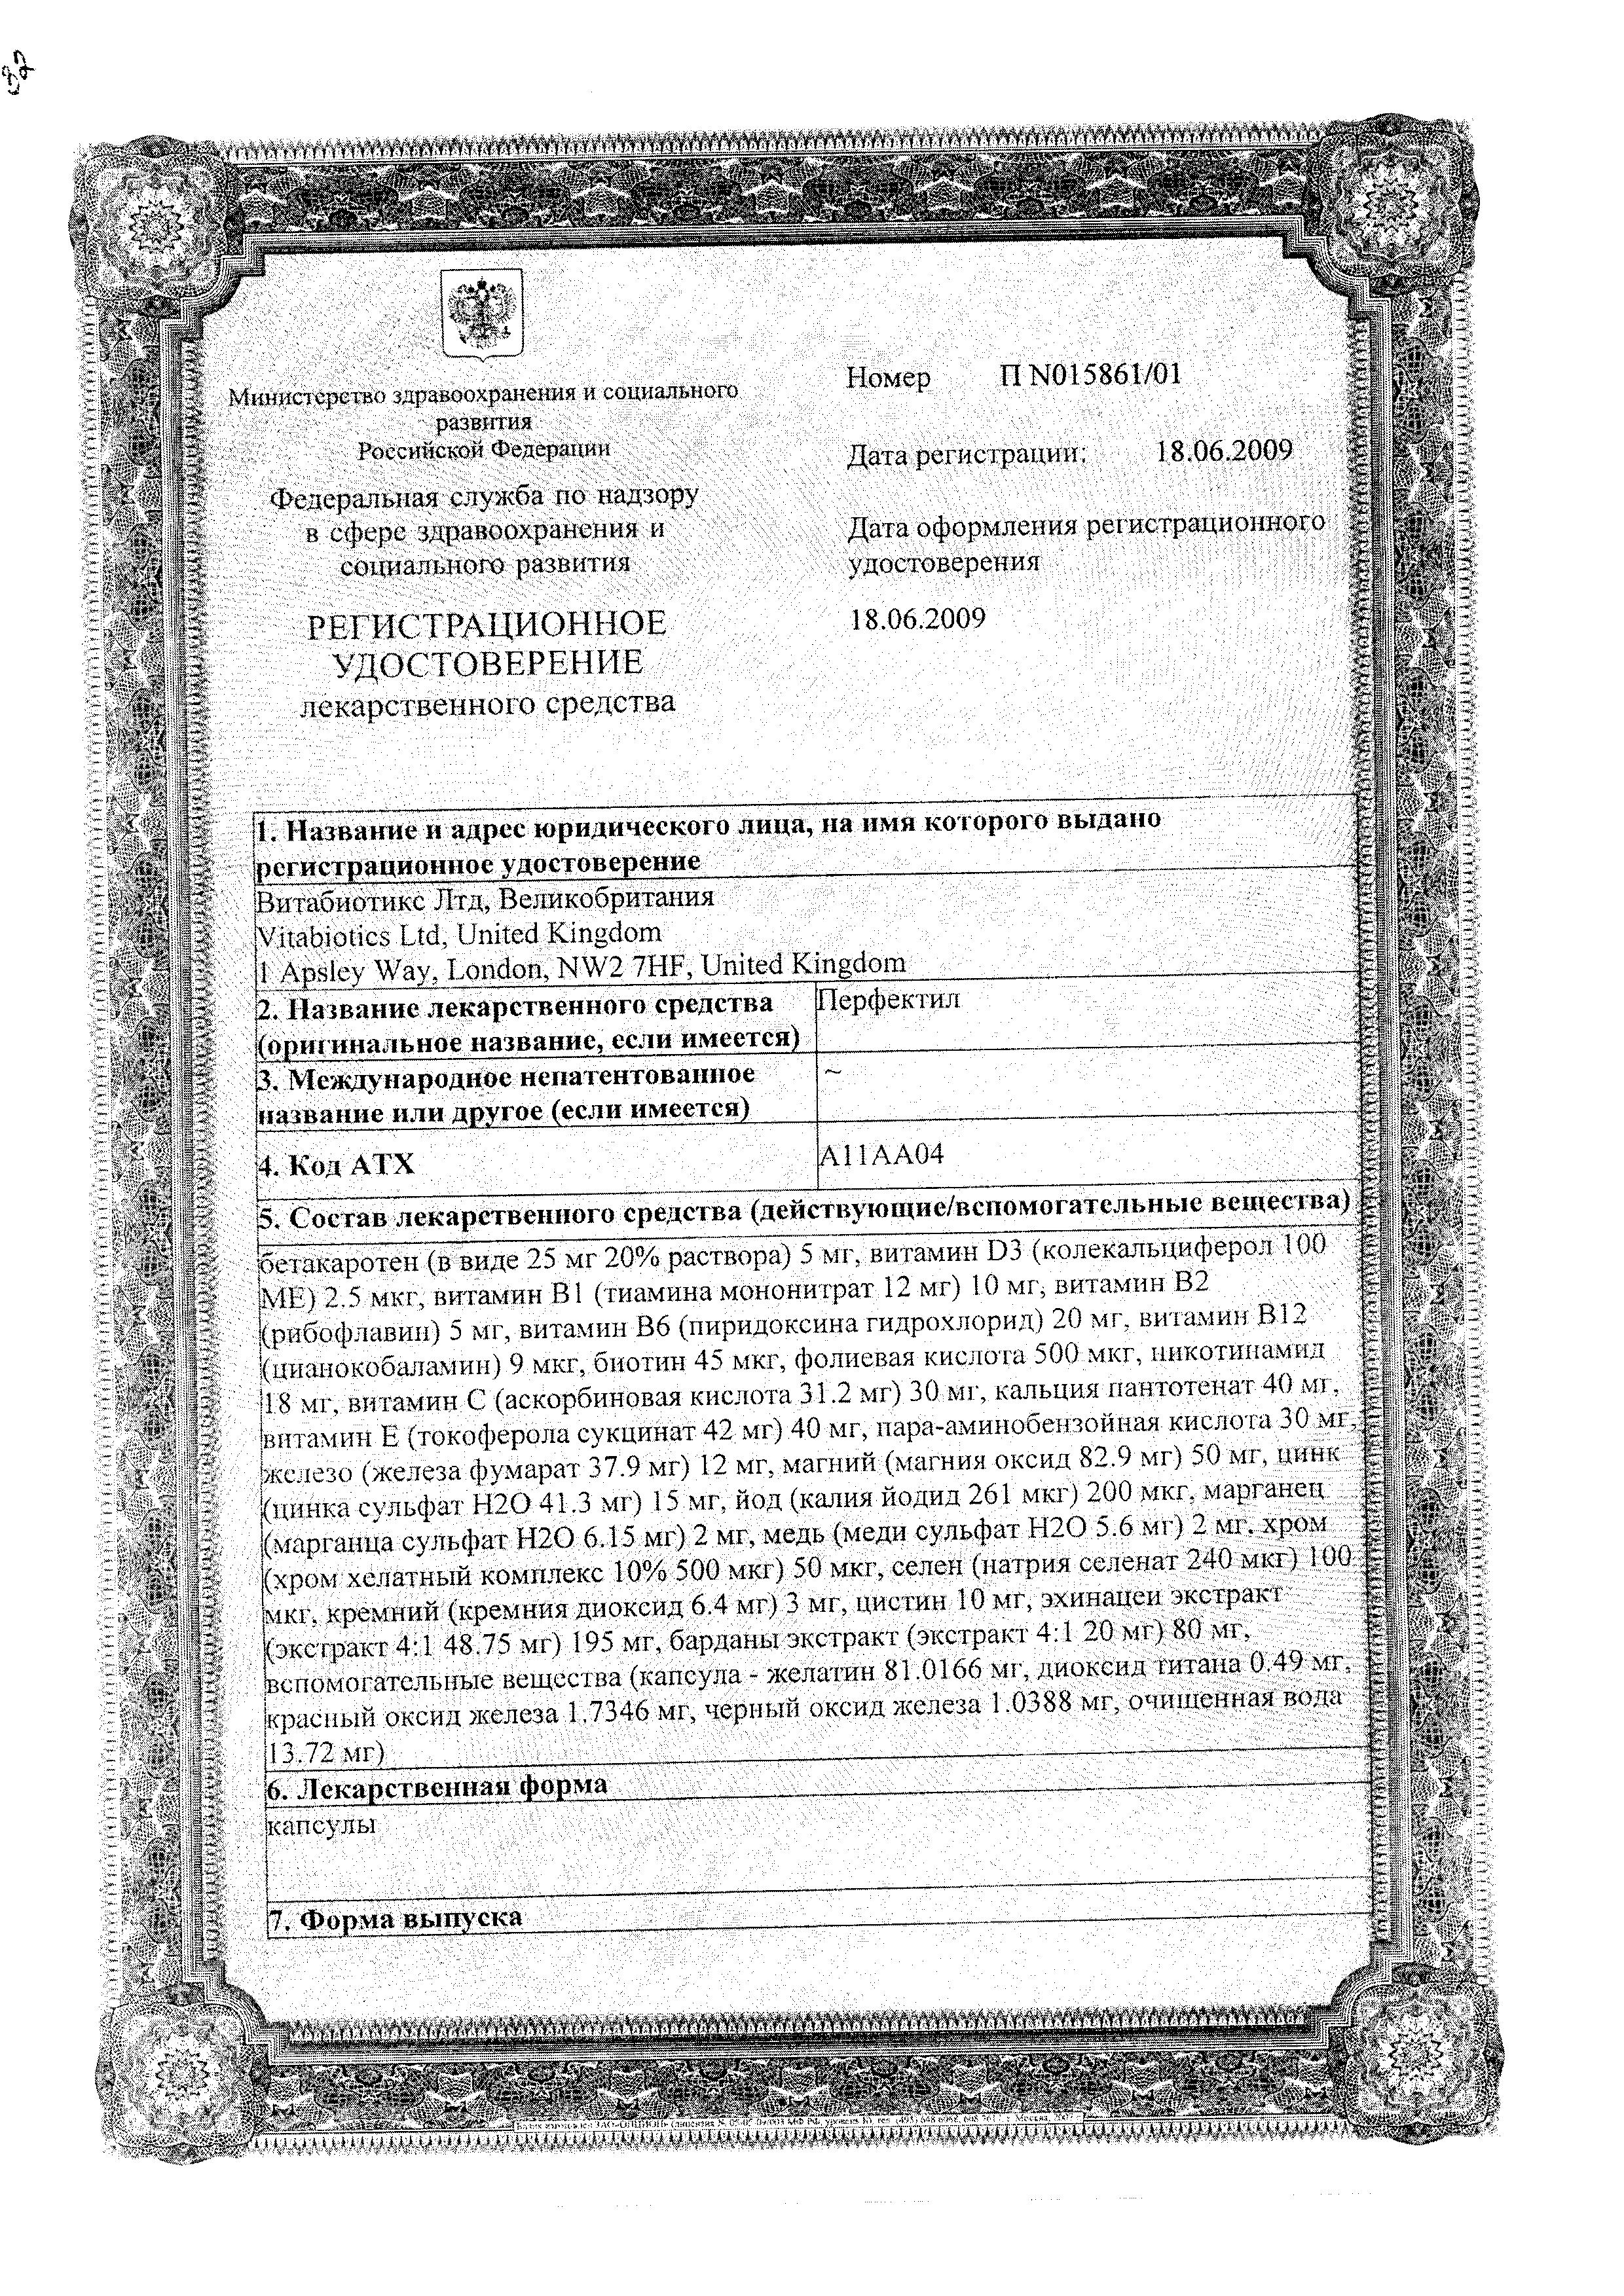 Перфектил сертификат